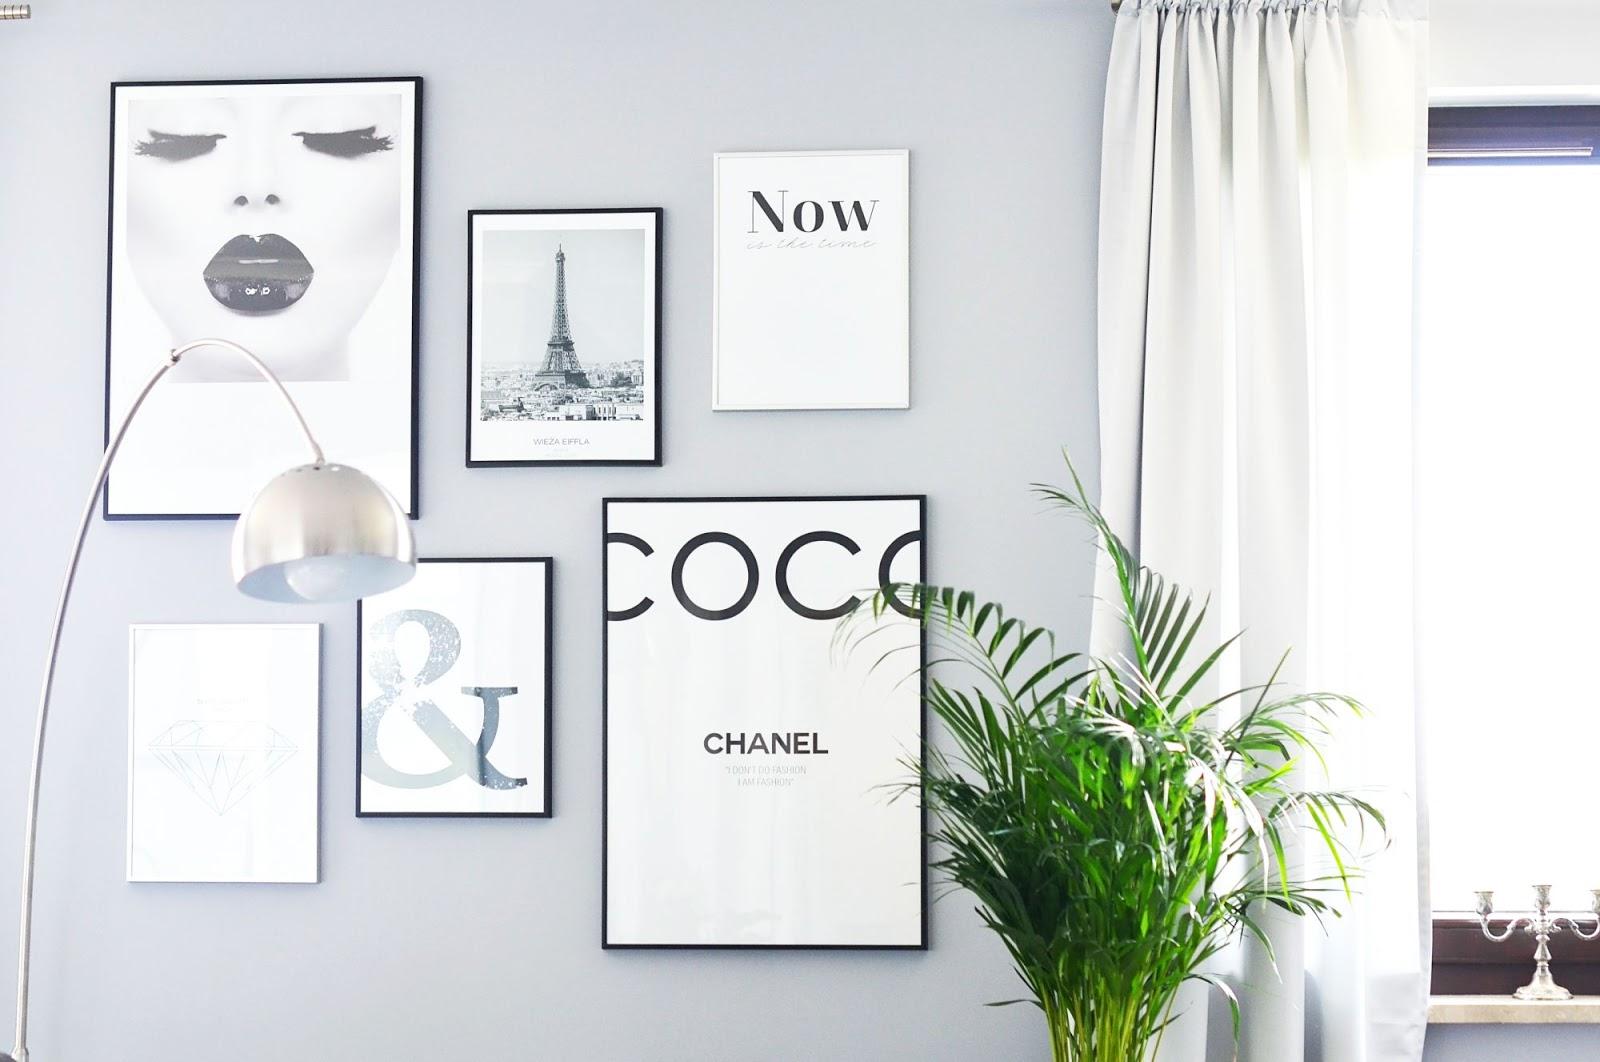 grafiki monochromatyczne | bialo czarne obrazy | postery na scianie